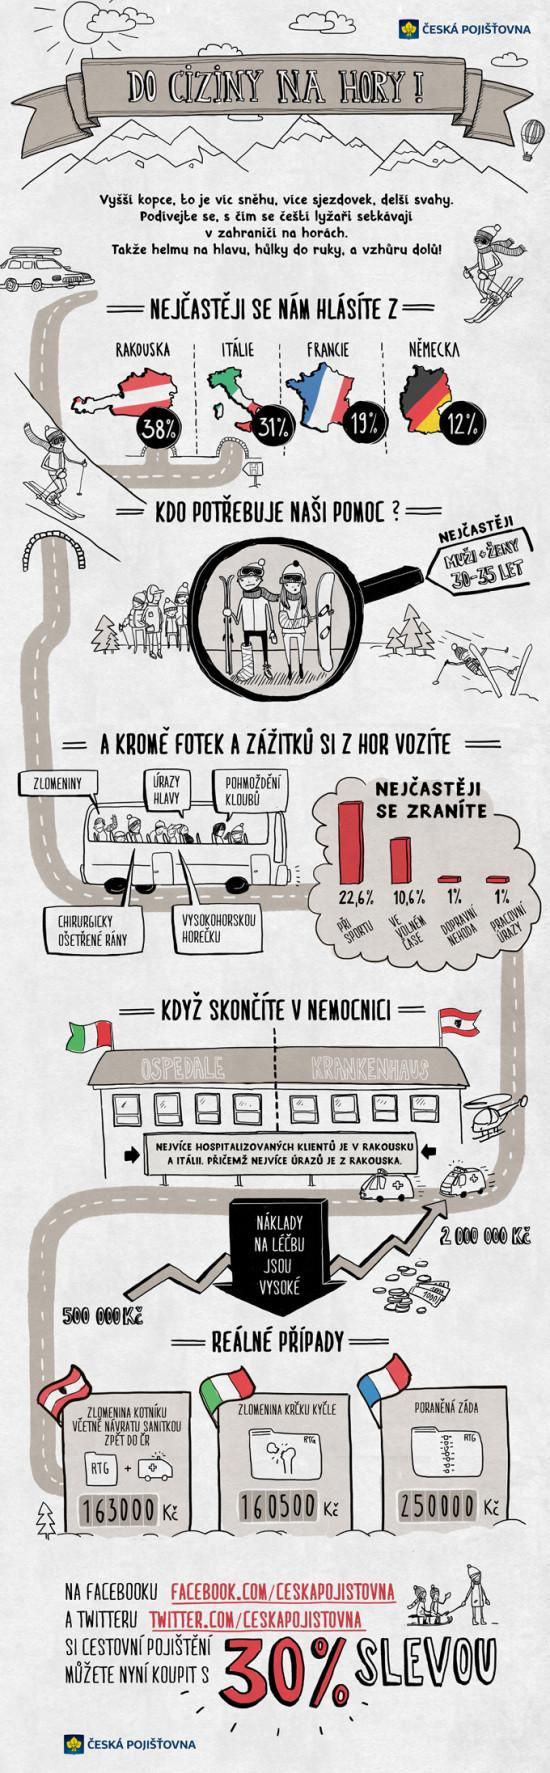 Do ciziny na hory - infografika